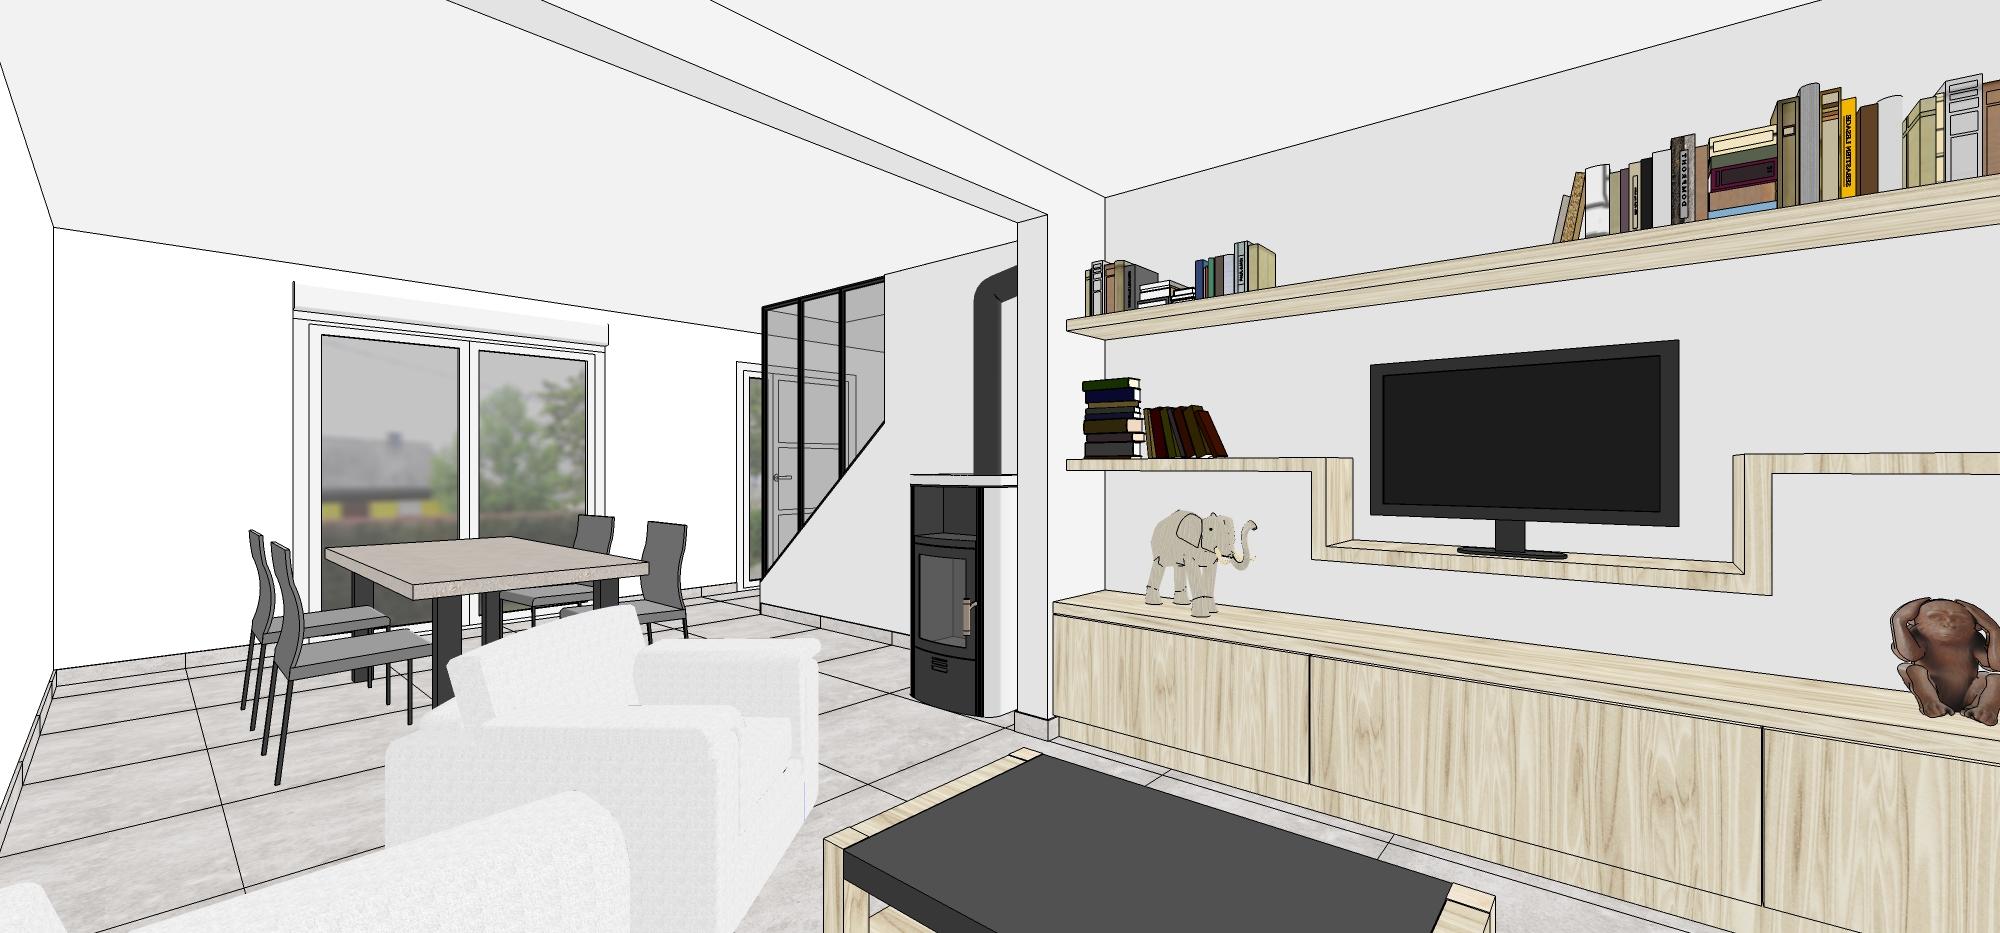 Escalier Dans Un Salon projet aménagement salon et escalier - architecture